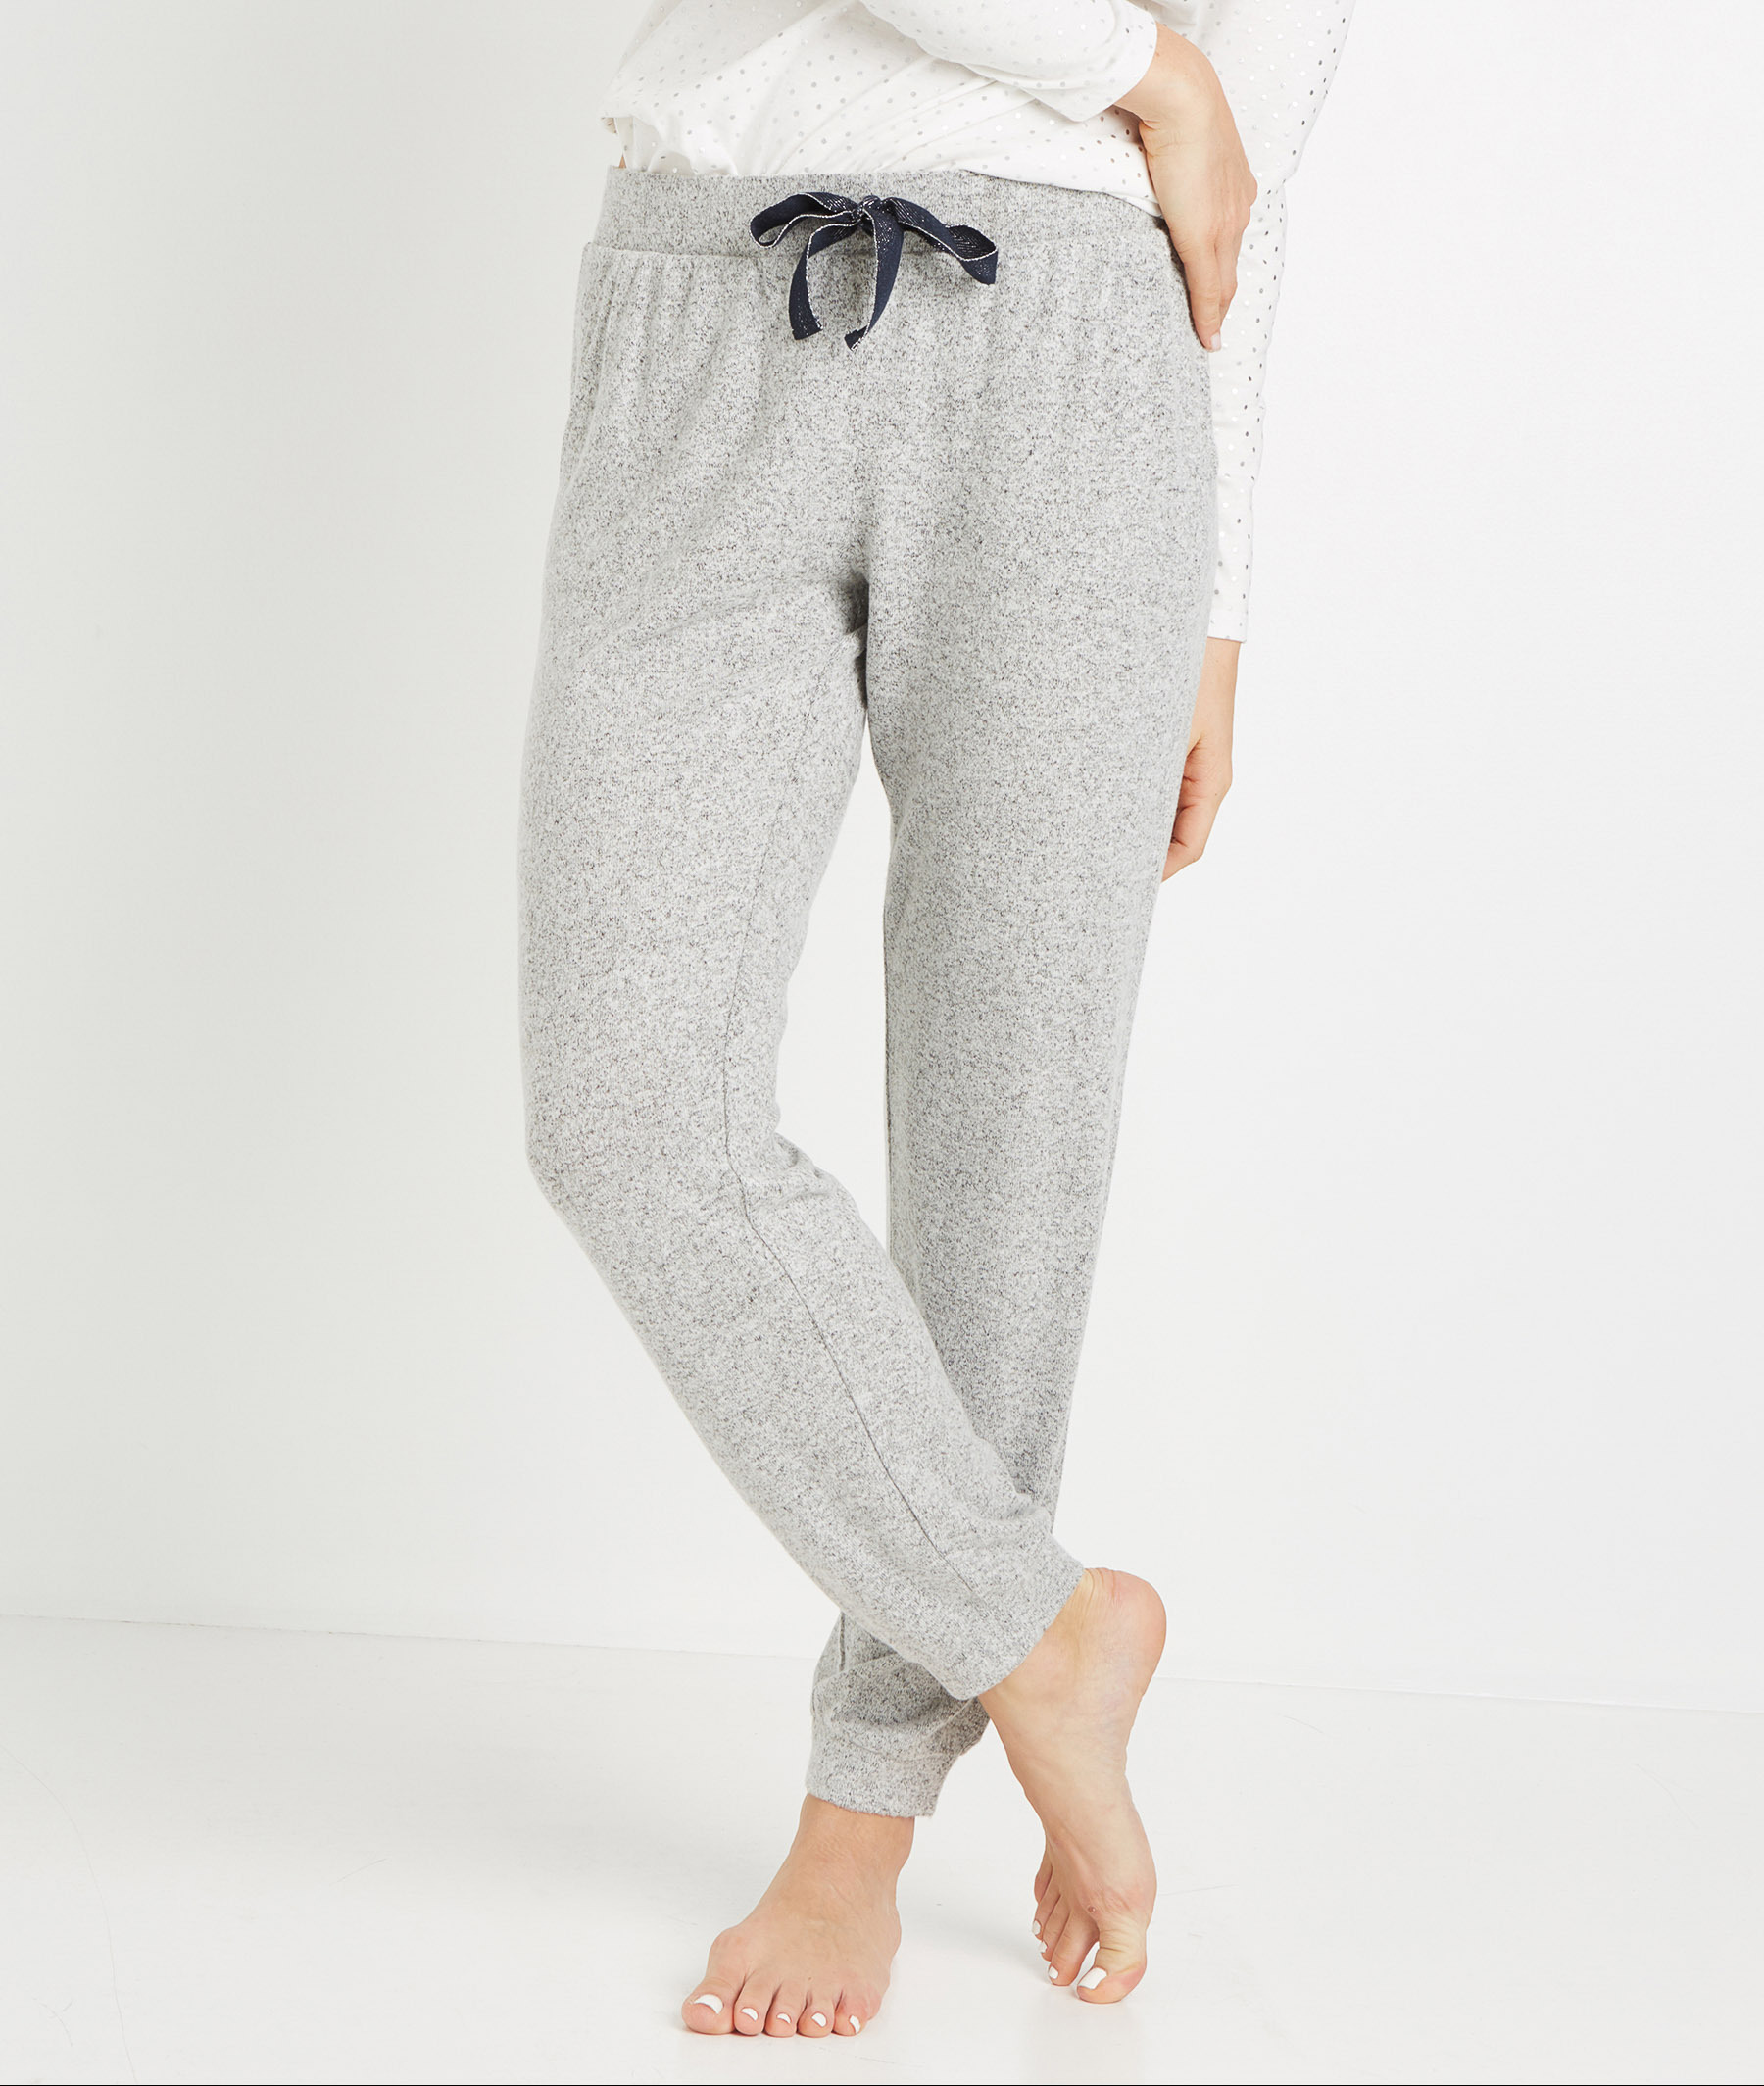 Pantalon homewear maille doudou GRIS